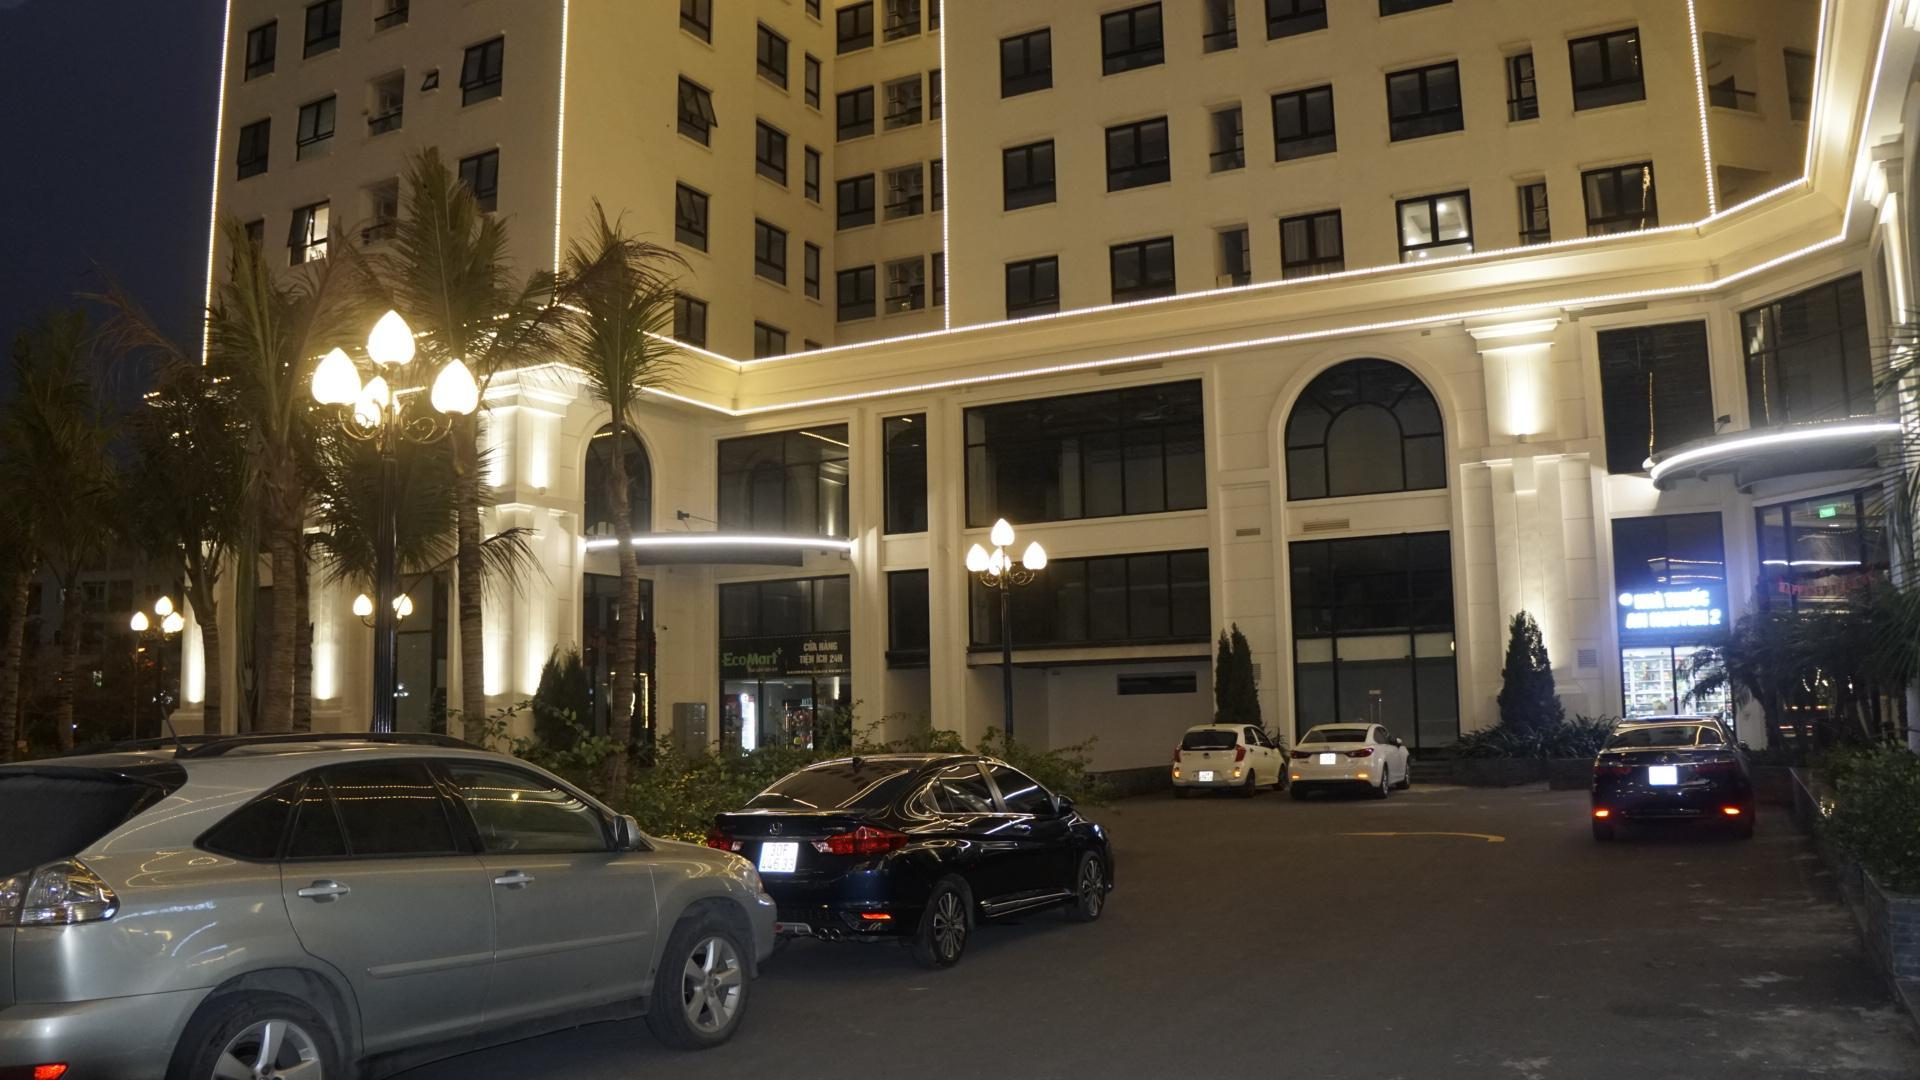 Ecocity Luxury Apartment Building